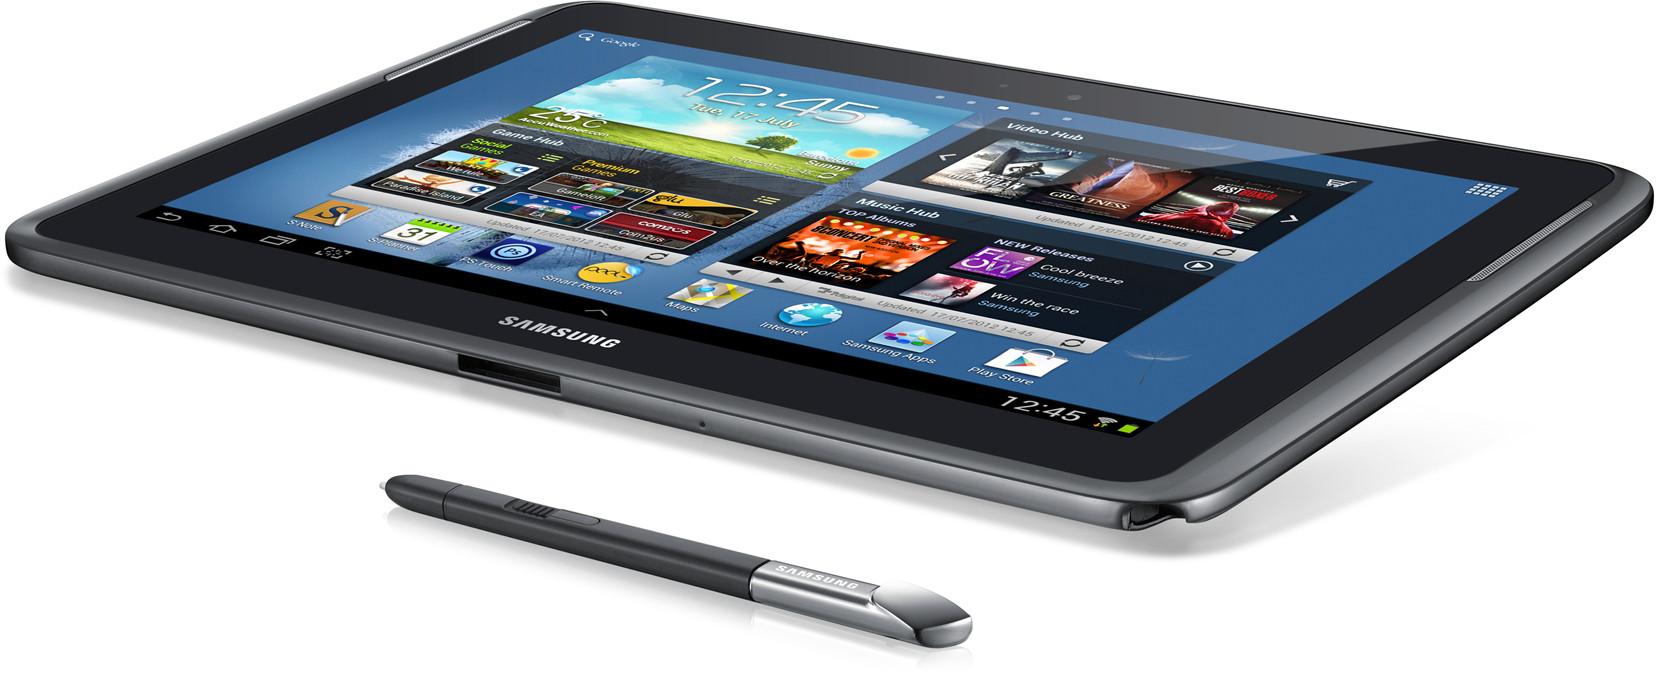 Samsung Galaxy Note 10 1 Update Auf Android 4 4 2 Kitkat Geleakt Giga